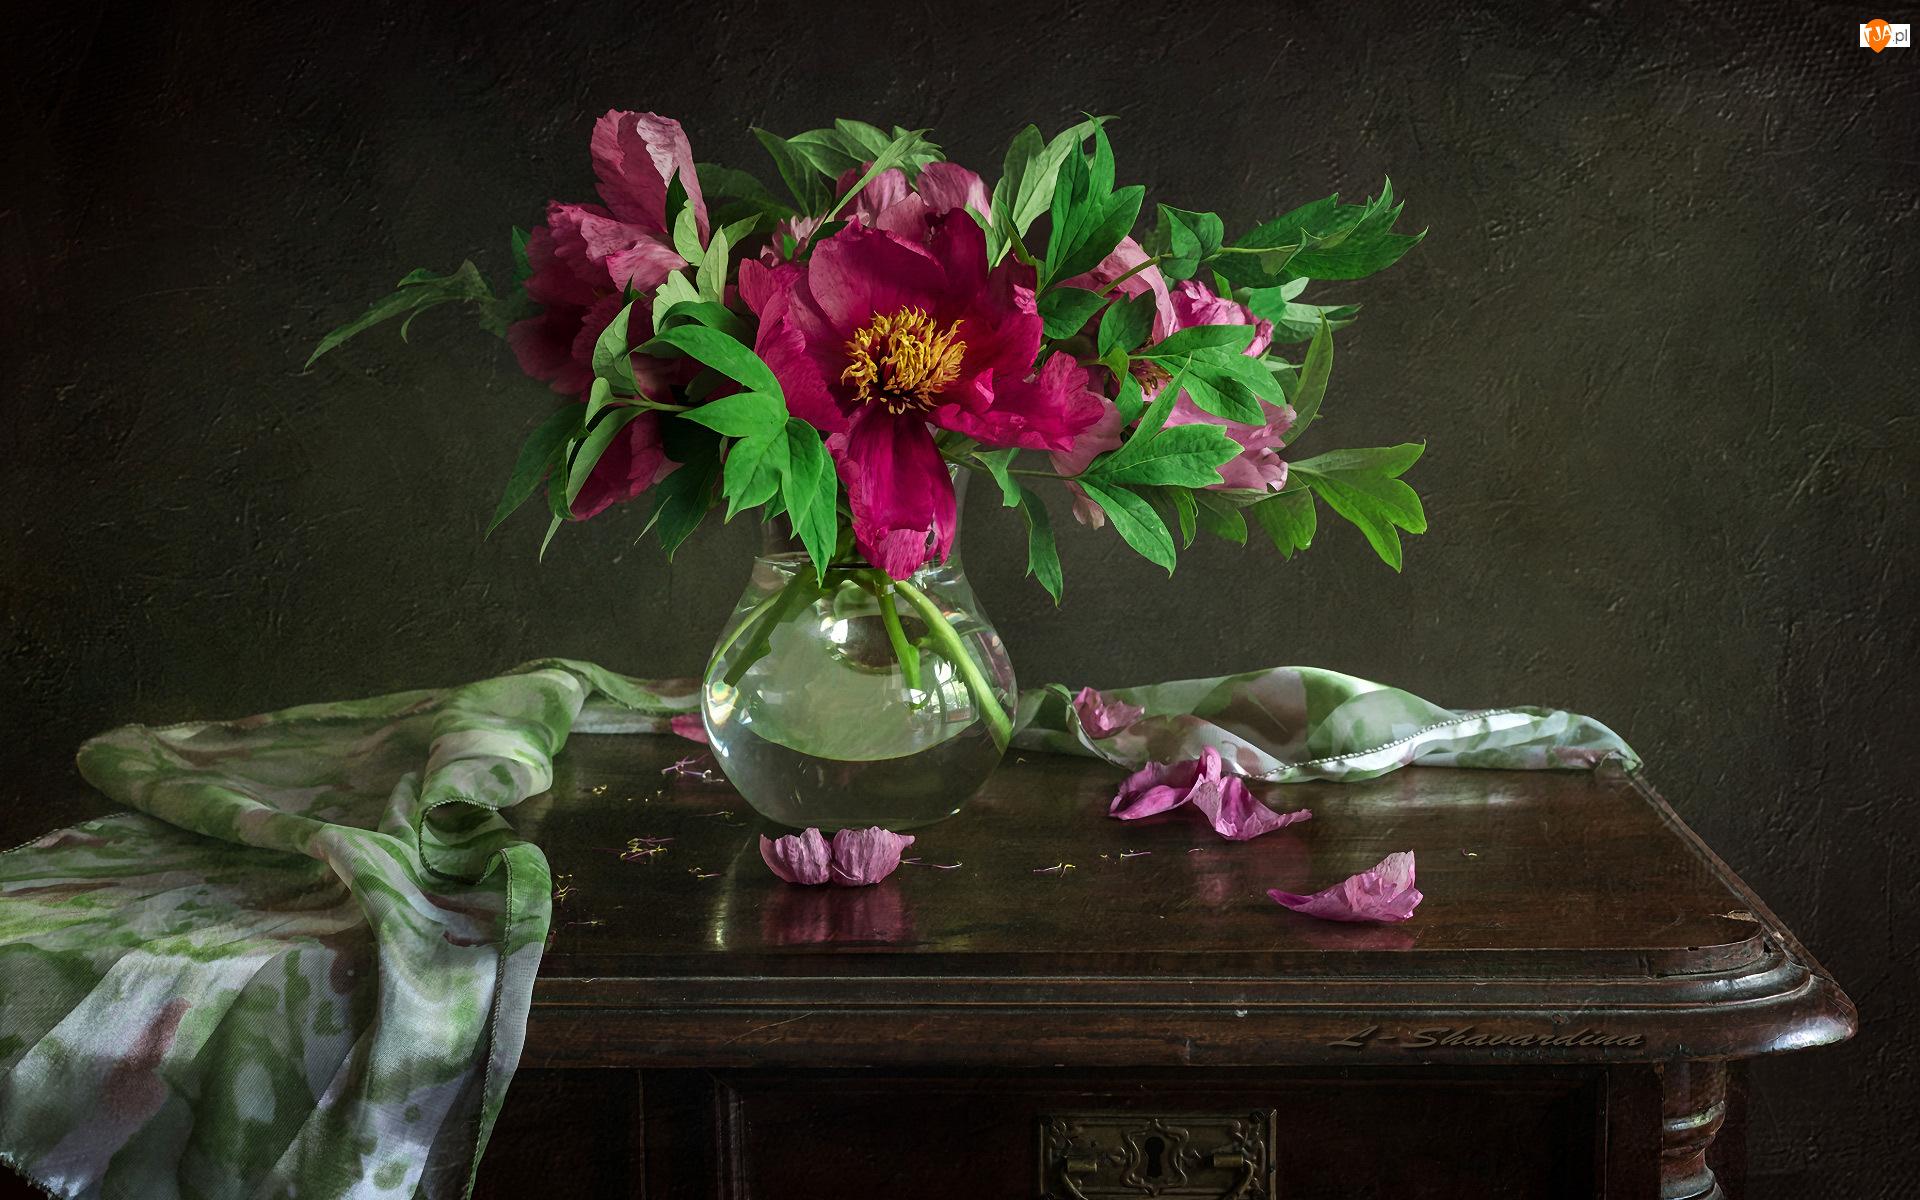 Serweta, Kwiaty, Piwonie, Stolik